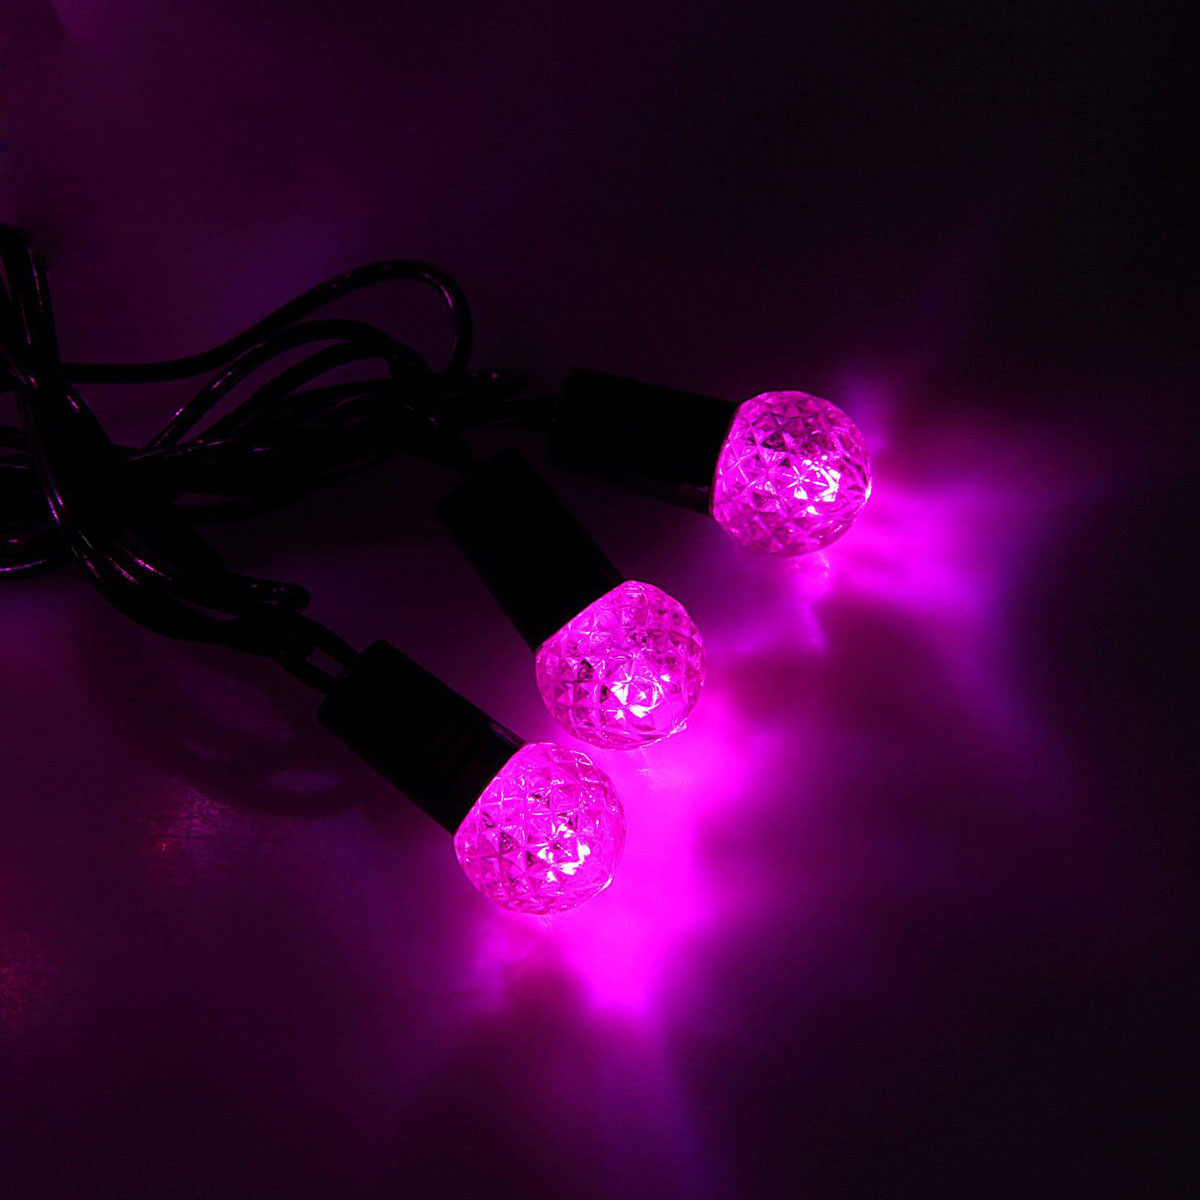 Гирлянда светодиодная Luazon Метраж. Фонарик, уличная с насадкой, 8 режимов, 40 ламп, 220 V, 5 м, цвет: розовый. 10801141080114Светодиодные гирлянды, ленты и т.д. — это отличный вариант для новогоднего оформления интерьера или фасада. С их помощью помещение любого размера можно превратить в праздничный зал, а внешние элементы зданий, украшенные ими, мгновенно станут напоминать очертания сказочного дворца. Такие украшения создают ауру предвкушения чуда. Деревья, фасады, витрины, окна и арки будто специально созданы, чтобы вы украсили их светящимися нитями.